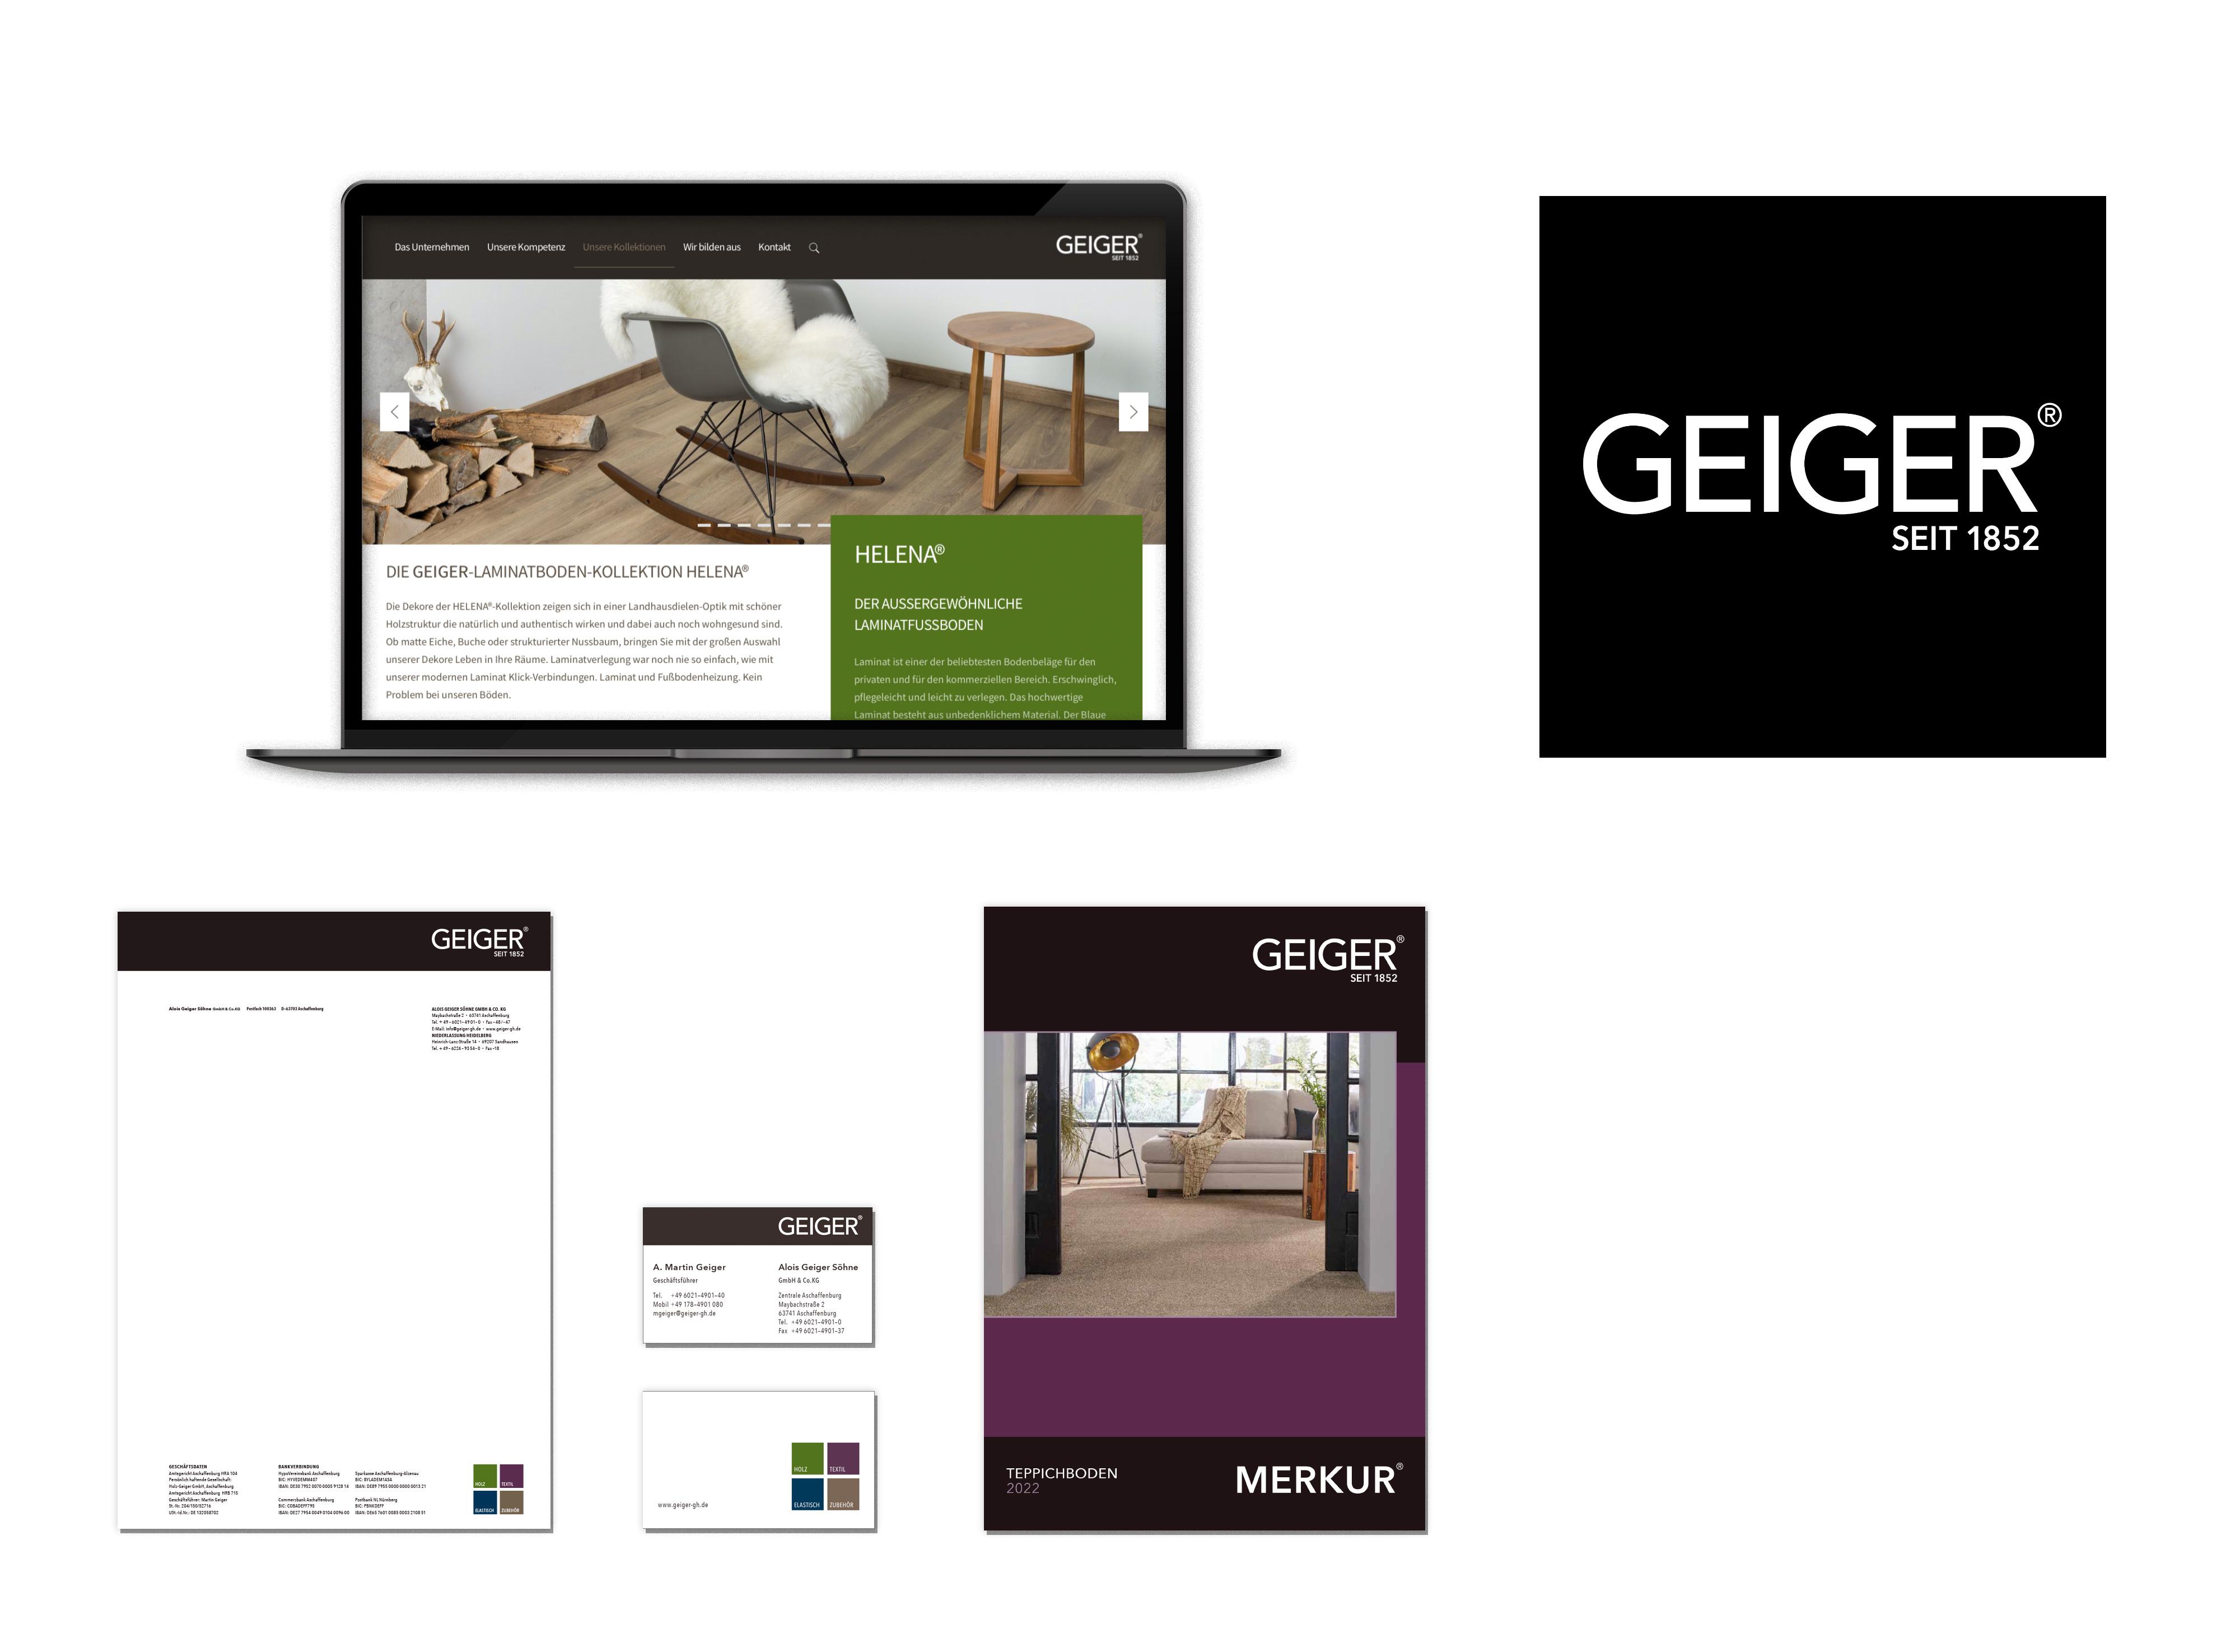 Geschäftsaustattung Alois Geiger GmbH